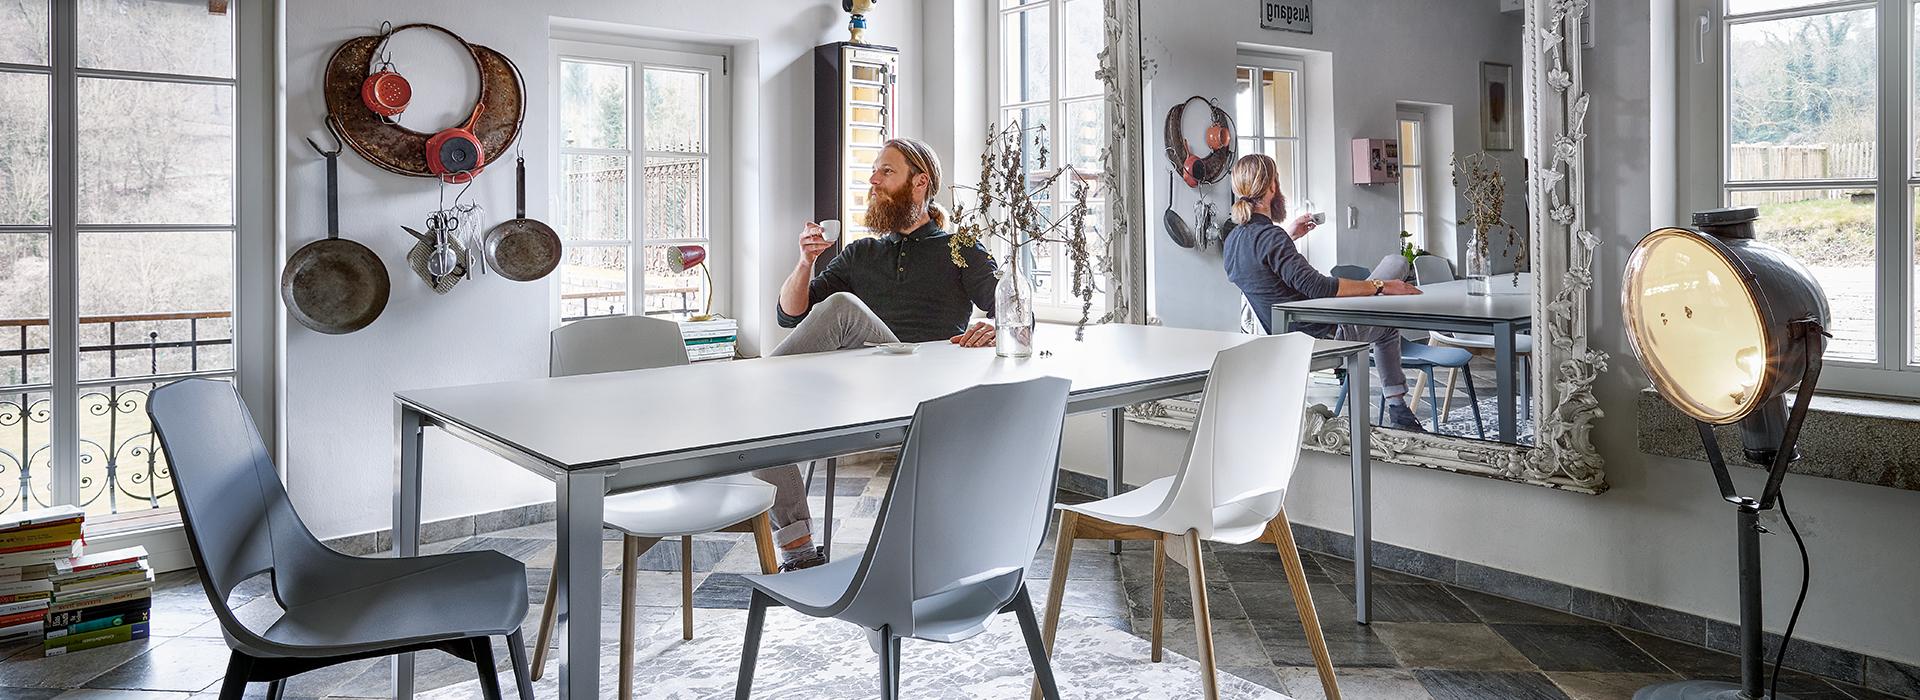 Wohnzimmer Koch Möbelhaus Für Wohnzimmer Alt Und Neu Der Mix